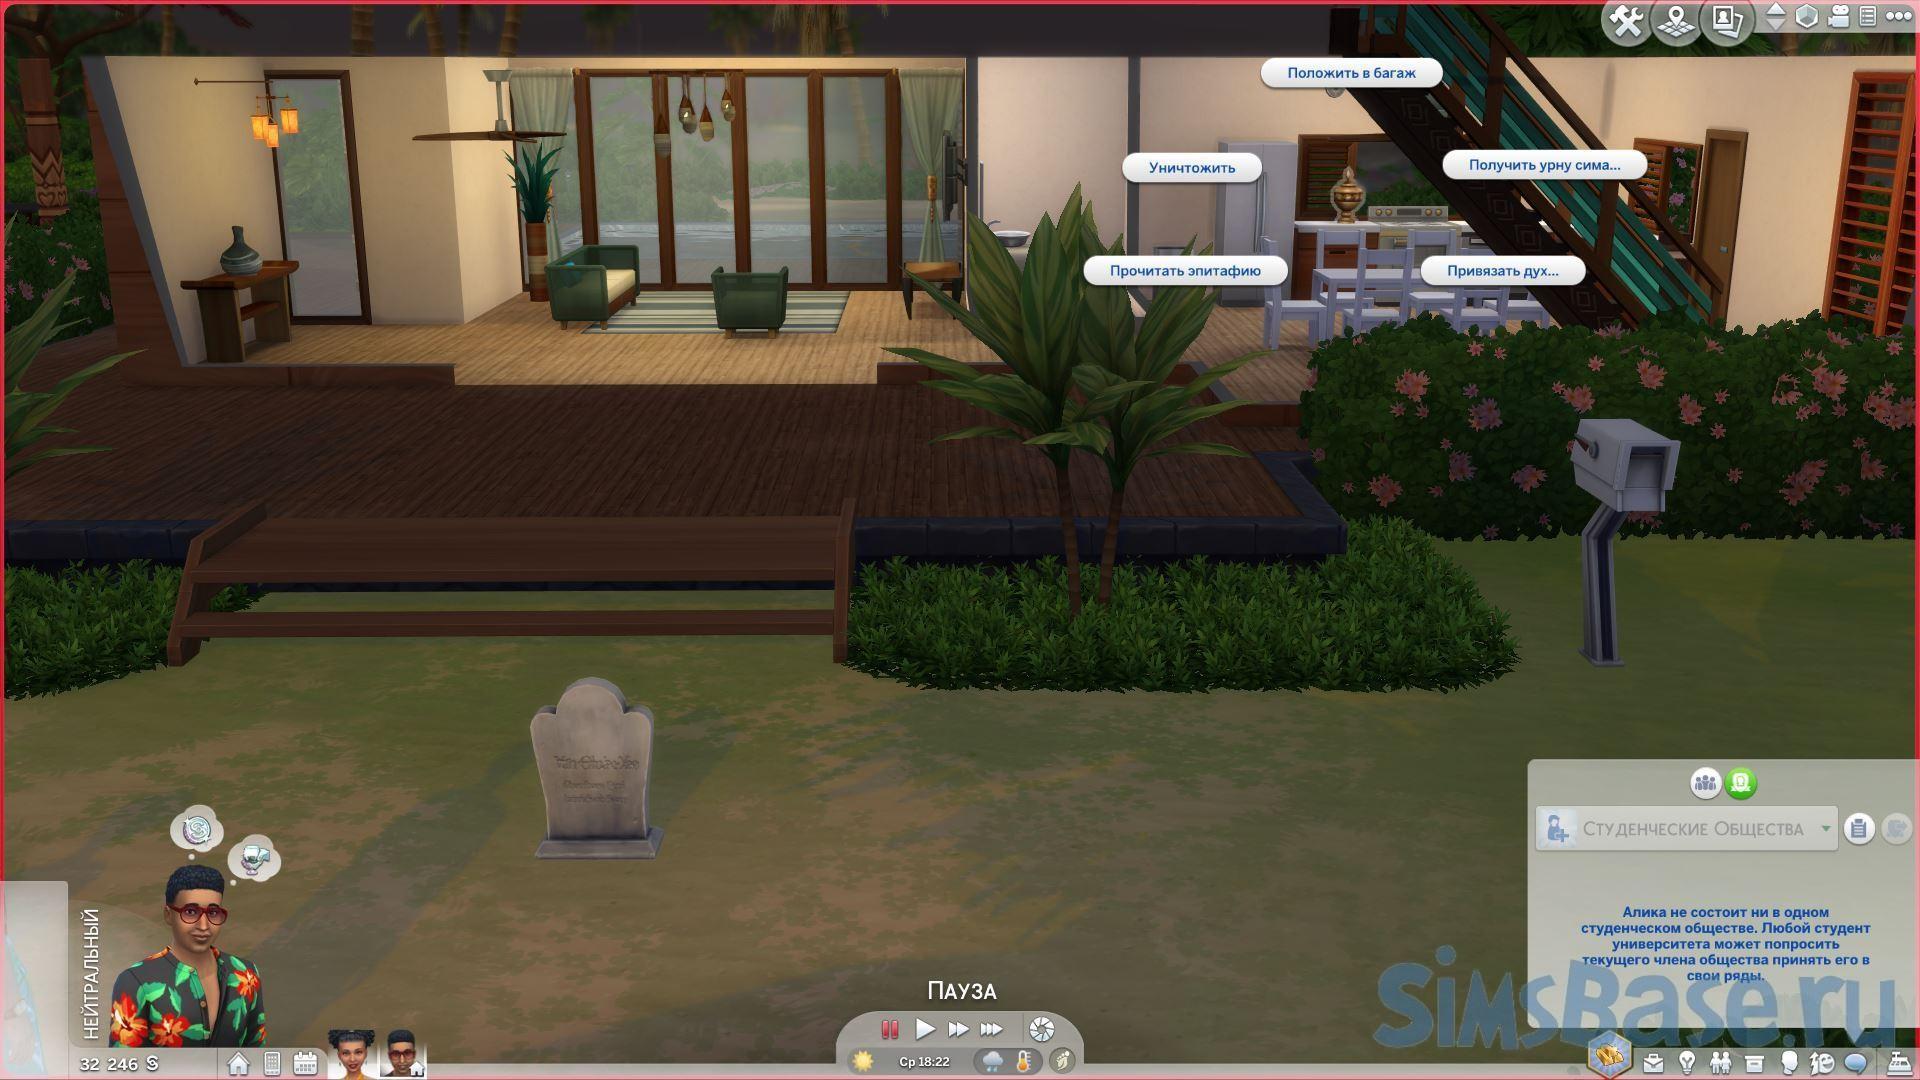 Мод «Усовершенствованная урна» от Iced Cream для Sims 4